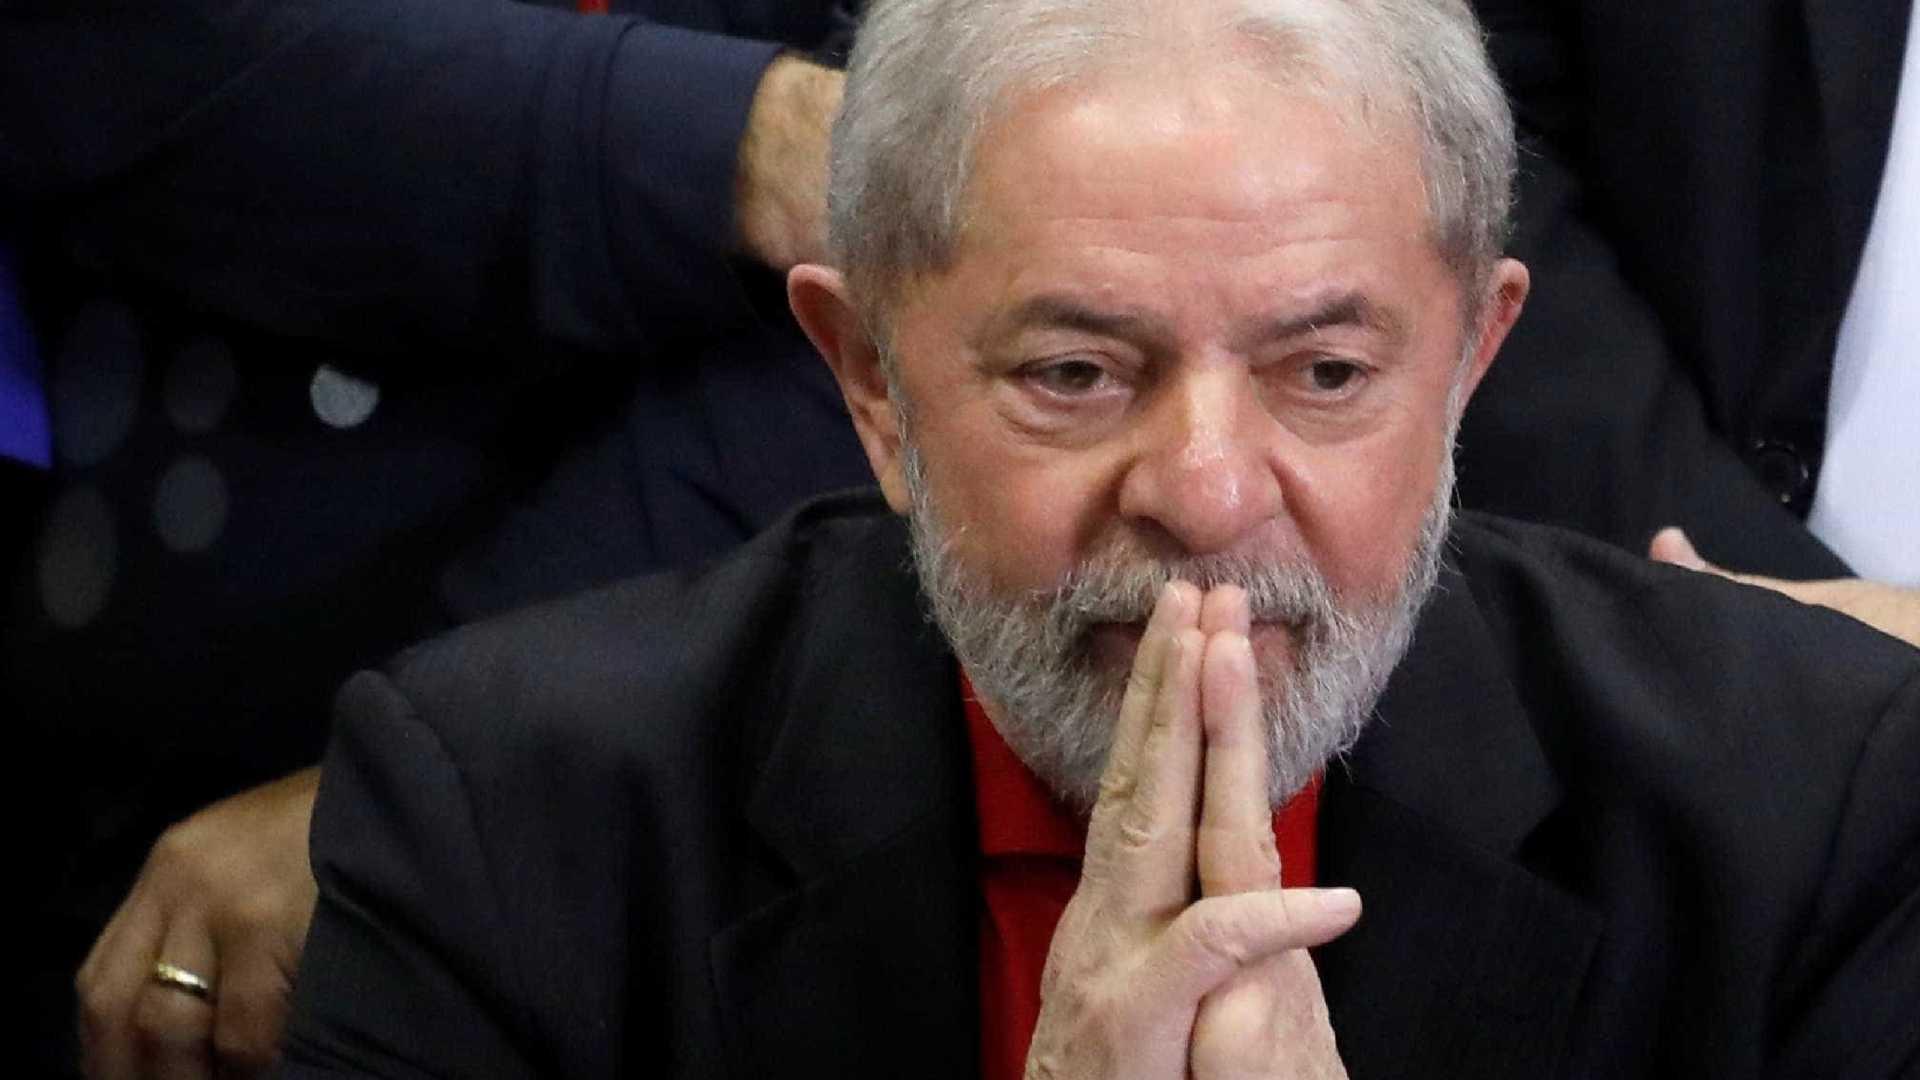 naom 596ba3cf3874b - Termina prazo e Lula não se entrega à Polócia Federal